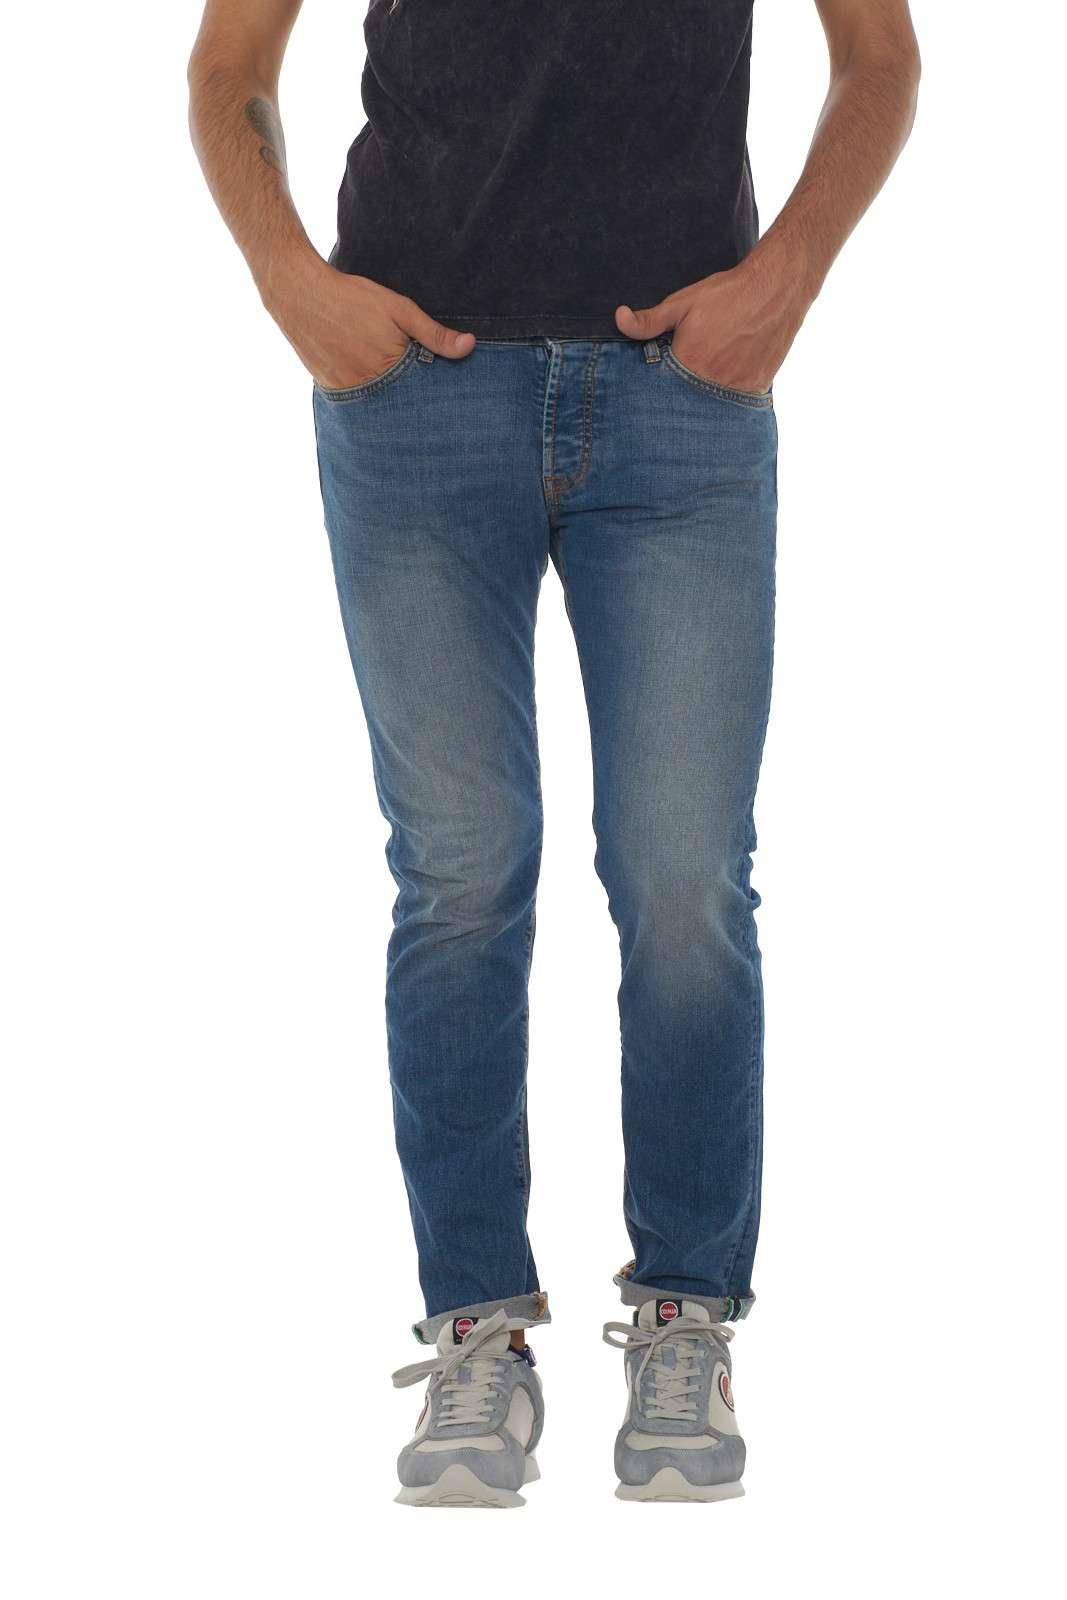 https://www.parmax.com/media/catalog/product/a/i/AI-Outlet-Parmax-Pantalone-Uomo-Royrogers-A19RRU000D0210028-A.jpg